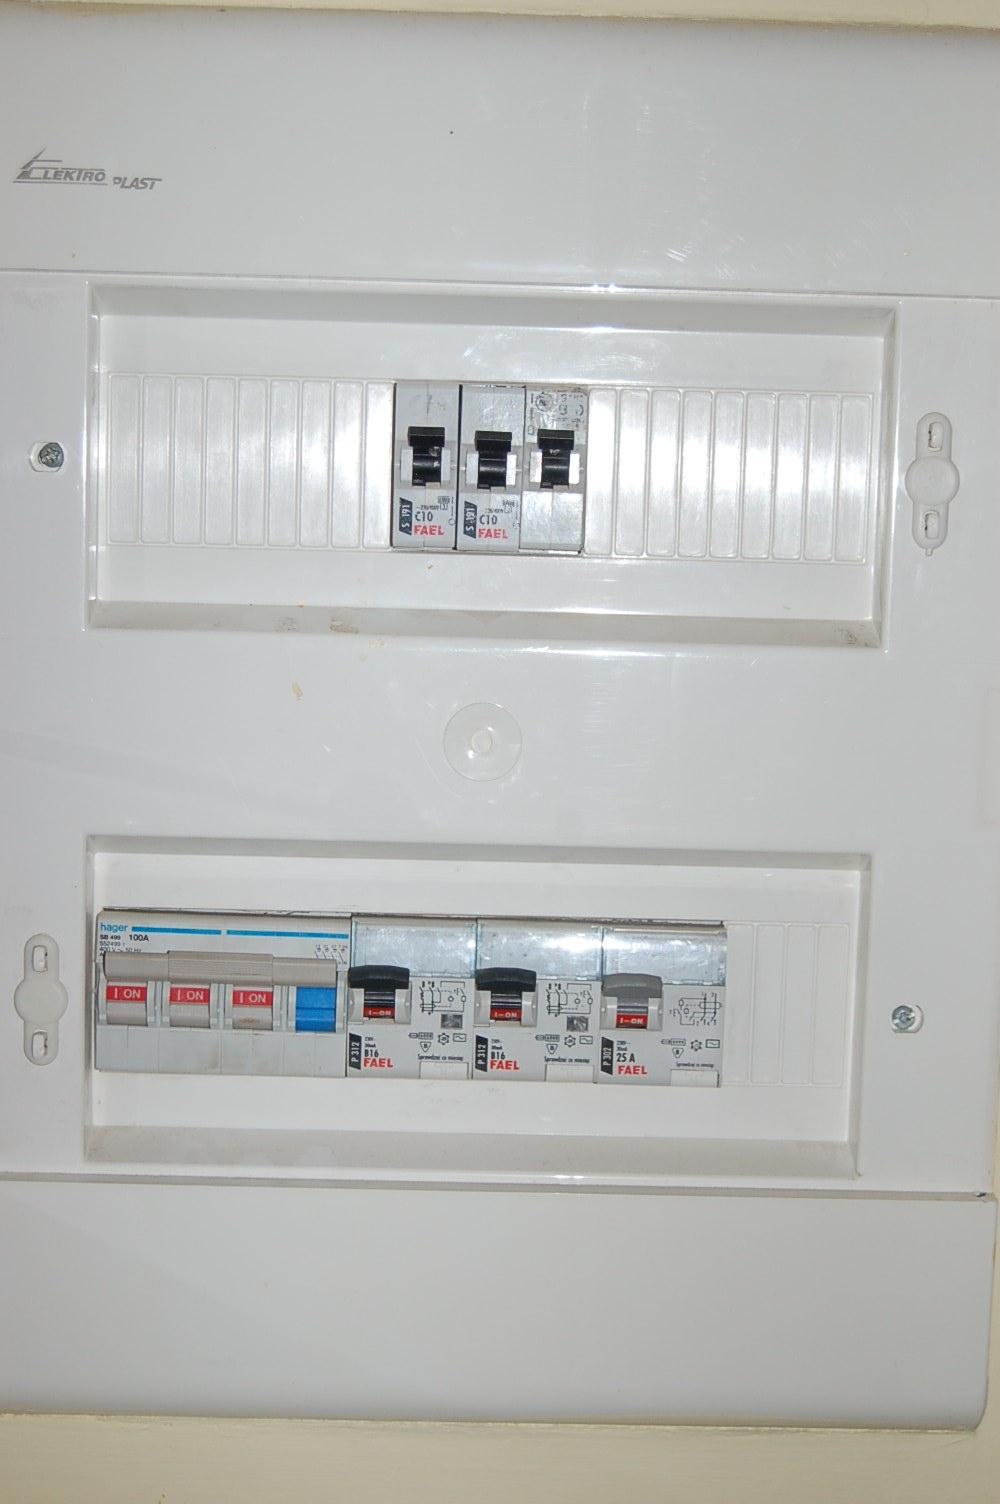 Instalacja TN-C-S w domku jednorodzinnym.